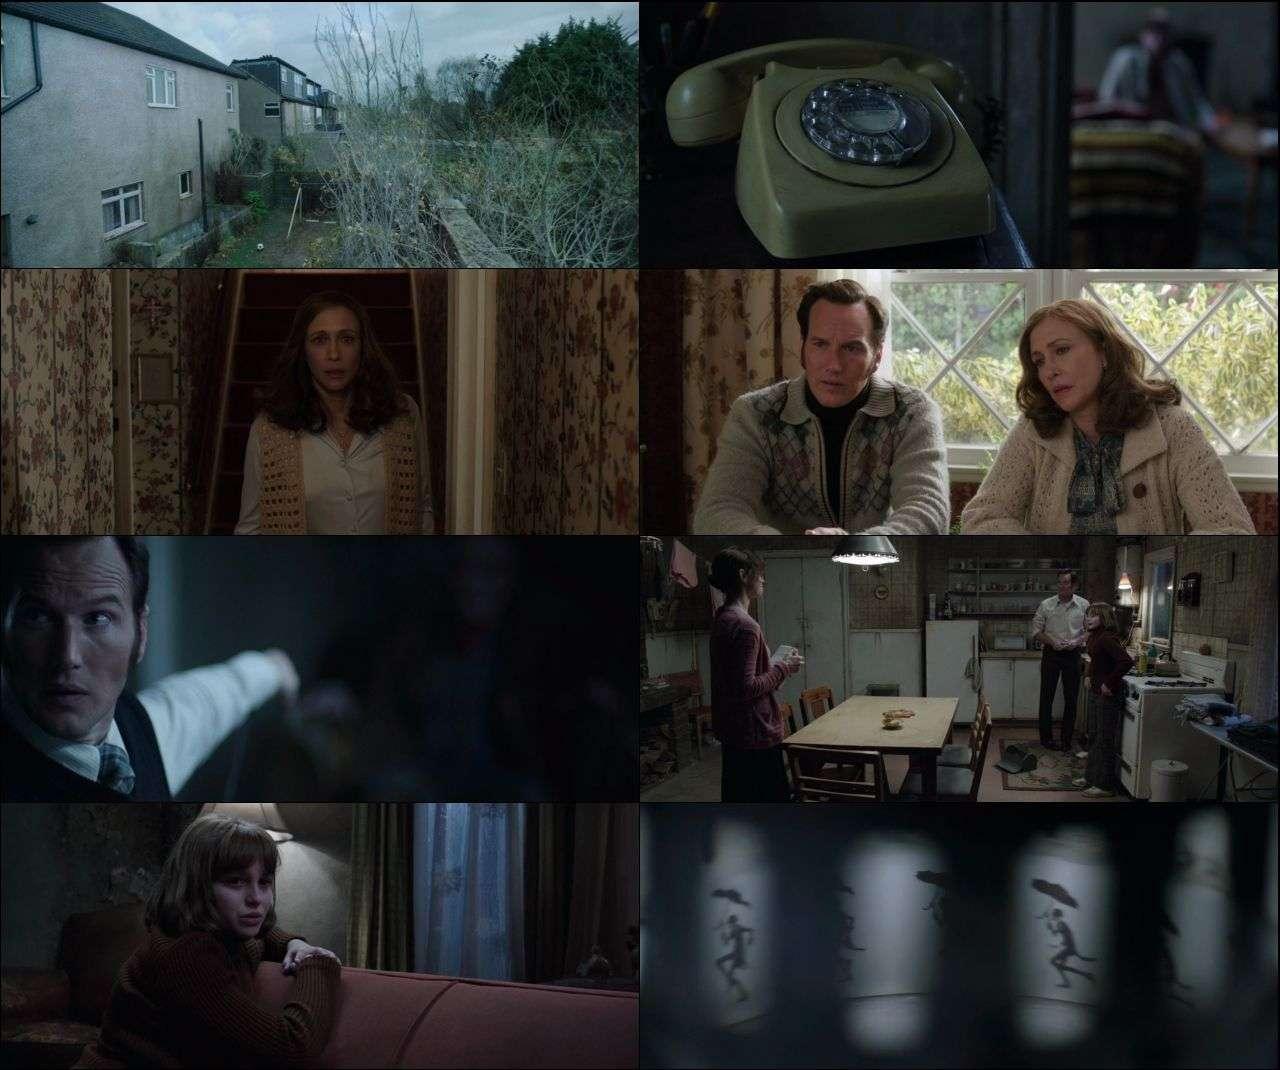 Korku Seansı 2 - The Conjuring 2 (2016) türkçe altyazılı indir